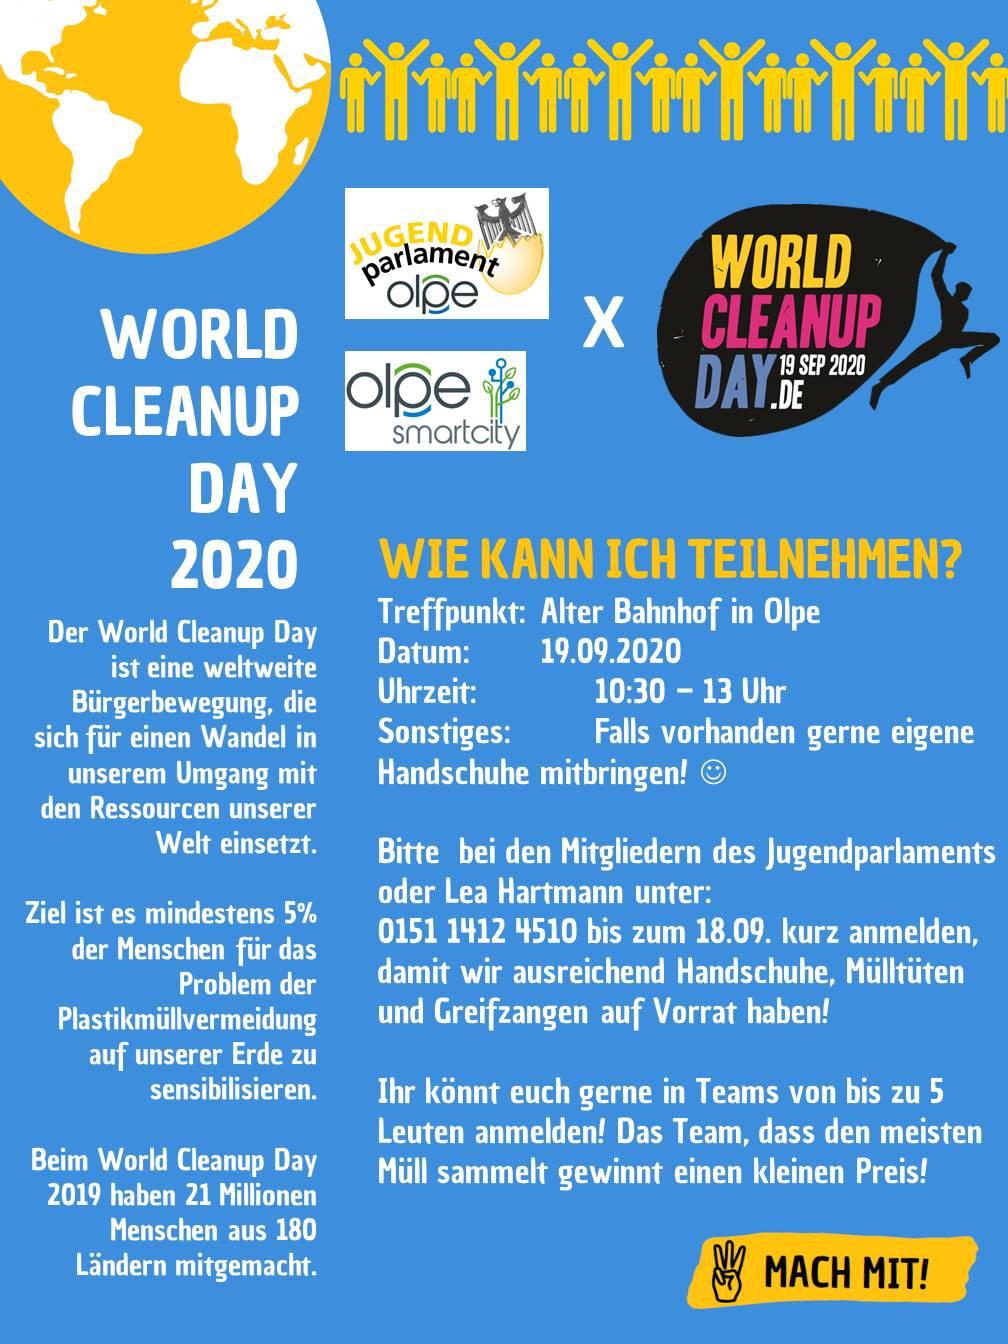 World Cleanup Day - Olpe ist dabei! (Nordrhein-Westfalen)